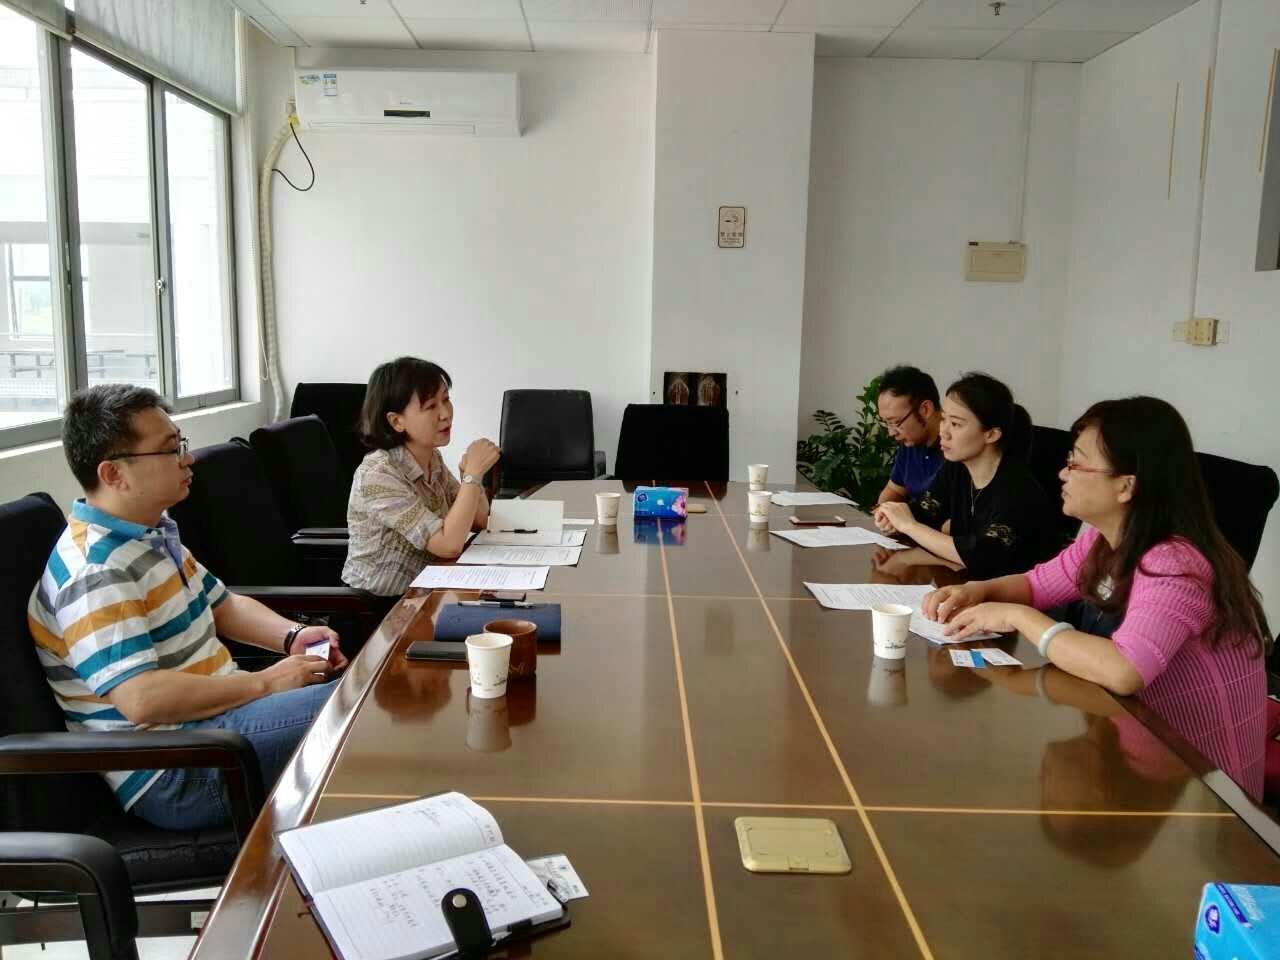 广东药科大学国际教育学院来我院洽谈汉语国际教育实践基地建设